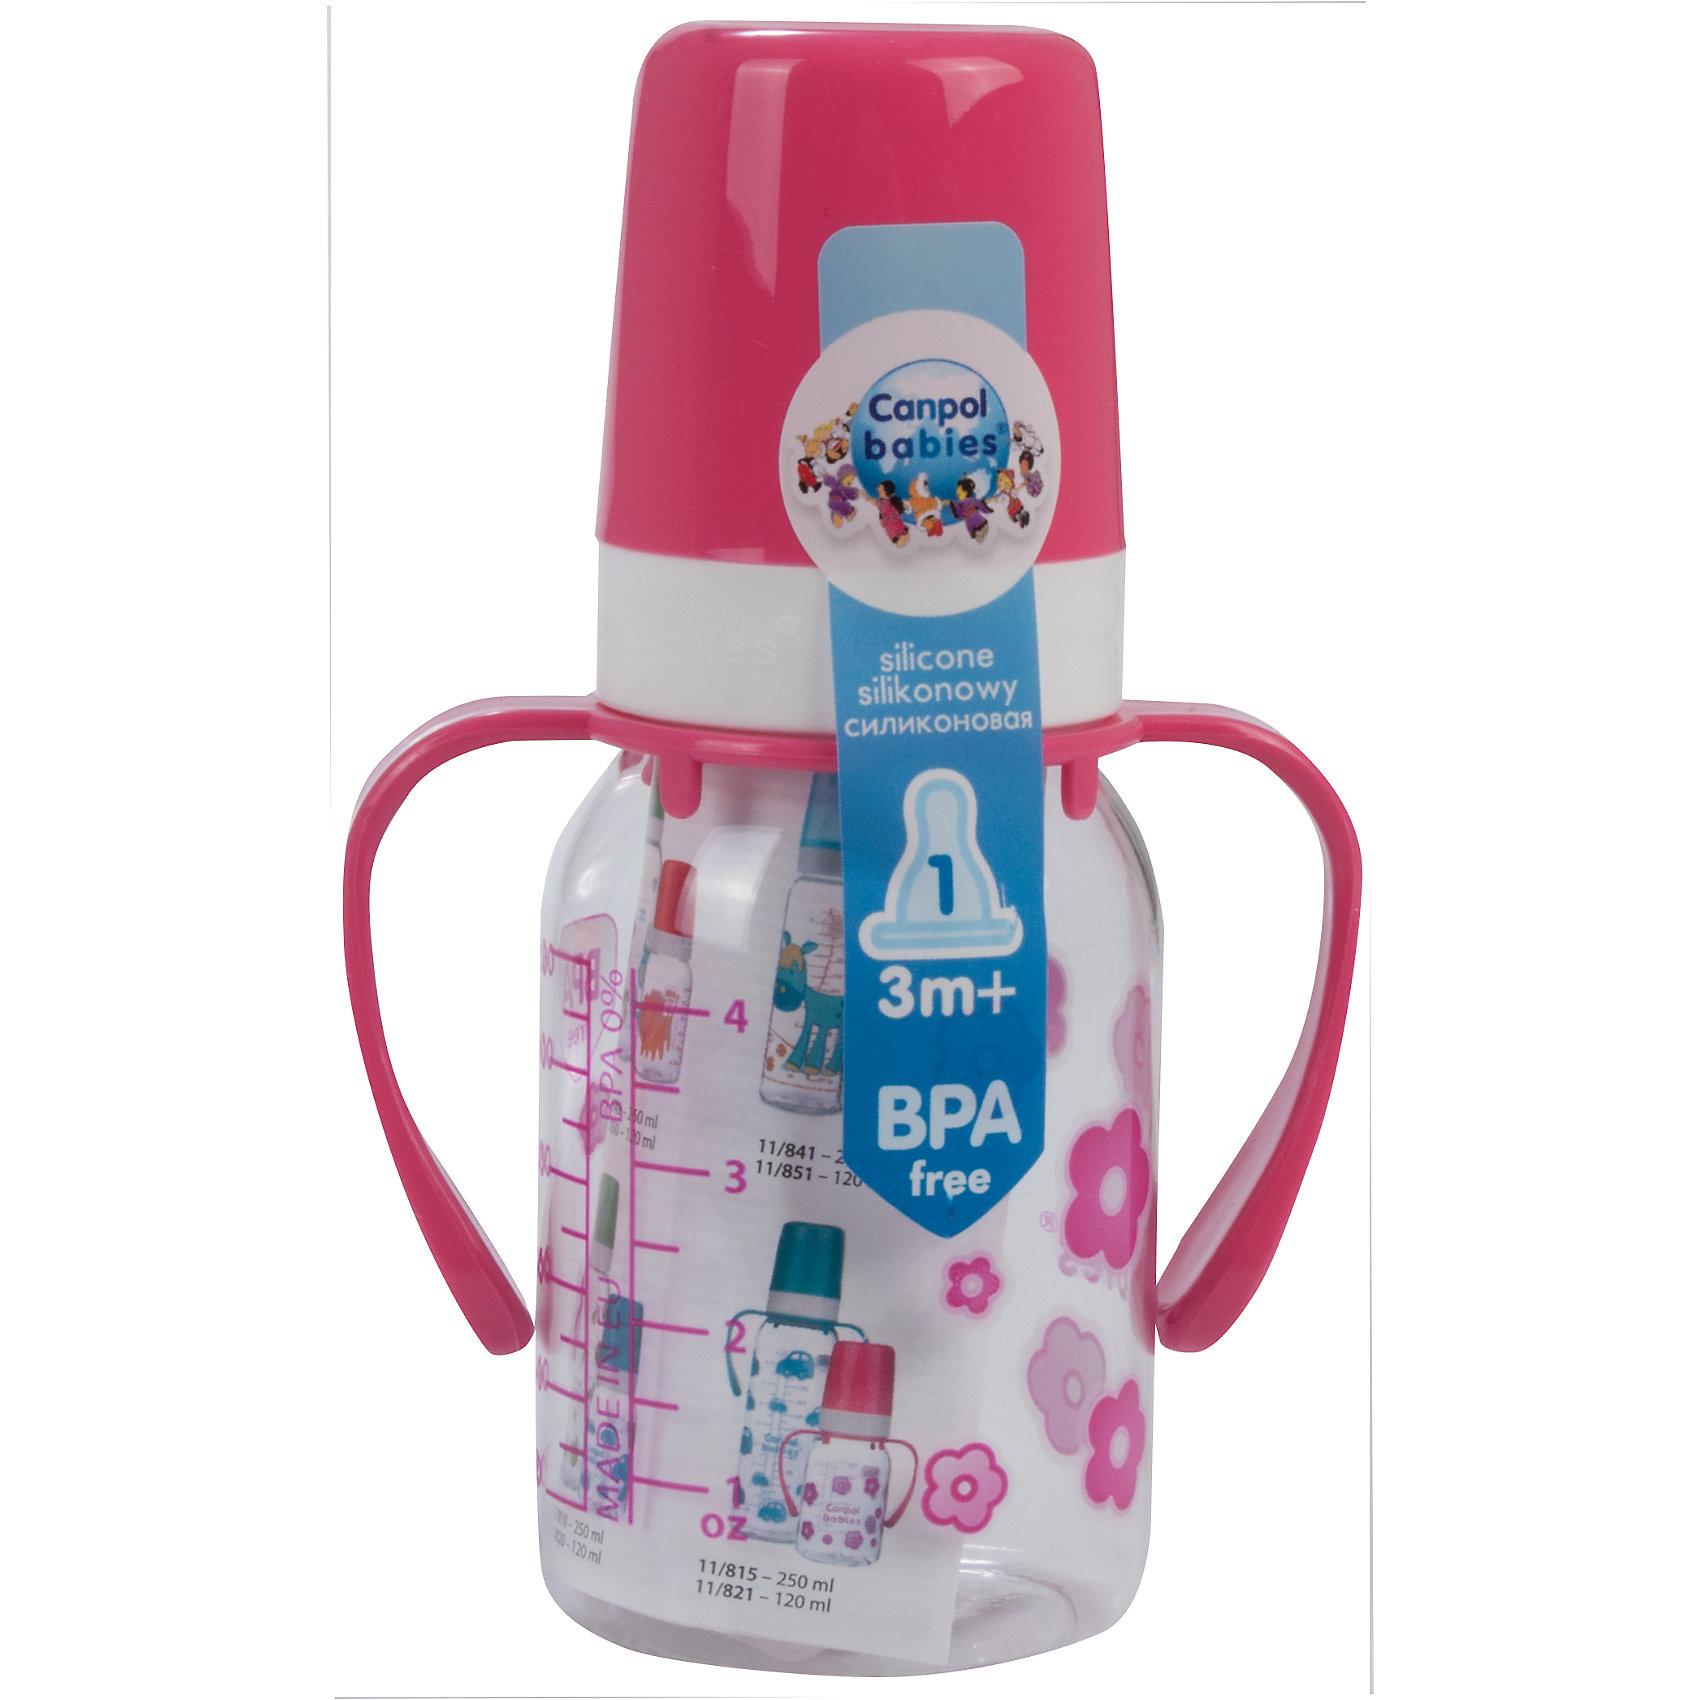 Бутылочка тритановая 120 мл. 3+, Canpol Babies, розовый110 - 180 мл.<br>Бутылочка тритановая (BPA 0%) с ручками с сил. соской, 120 мл. 3+, Canpol Babies, (Канпол Бейбис), розовый.<br><br>Характеристики: <br><br>• Объем бутылочки: 120мл.<br>• Материал бутылочки: тритан - пластик нового поколения.<br>• Материал соски: силикон.<br>• Цвет : розовый. <br>• Удобные ручки.<br>Бутылочка тритановая (BPA 0%) с ручками с сил. соской, 120 мл. 3+, Canpol Babies, (Канпол Бейбис) имеет классическую форму и снабжена ручками. Удобна в использовании дома и в дороге. Бутылочка выполнена из безопасного качественного материала - тритана, который хорошо держит тепло, снабжена силиконовой соской (медленный поток) и защитным колпачком, имеет удобную мерную шкалу.  Такую бутылочку и все части можно кипятить в воде или стерилизовать с помощью специального прибора. Не впитывает запахи. По мере взросления малыш сможет самостоятельно пить из бутылочки, держа  ее за удобные ручки.<br>Бутылочку тритановая (BPA 0%) с ручками с сил. соской, 120 мл. 3+, Canpol Babies, (Канпол Бейбис), розовый можно купить в нашем интернет- магазине.<br><br>Ширина мм: 175<br>Глубина мм: 55<br>Высота мм: 87<br>Вес г: 530<br>Возраст от месяцев: 3<br>Возраст до месяцев: 18<br>Пол: Женский<br>Возраст: Детский<br>SKU: 5156788